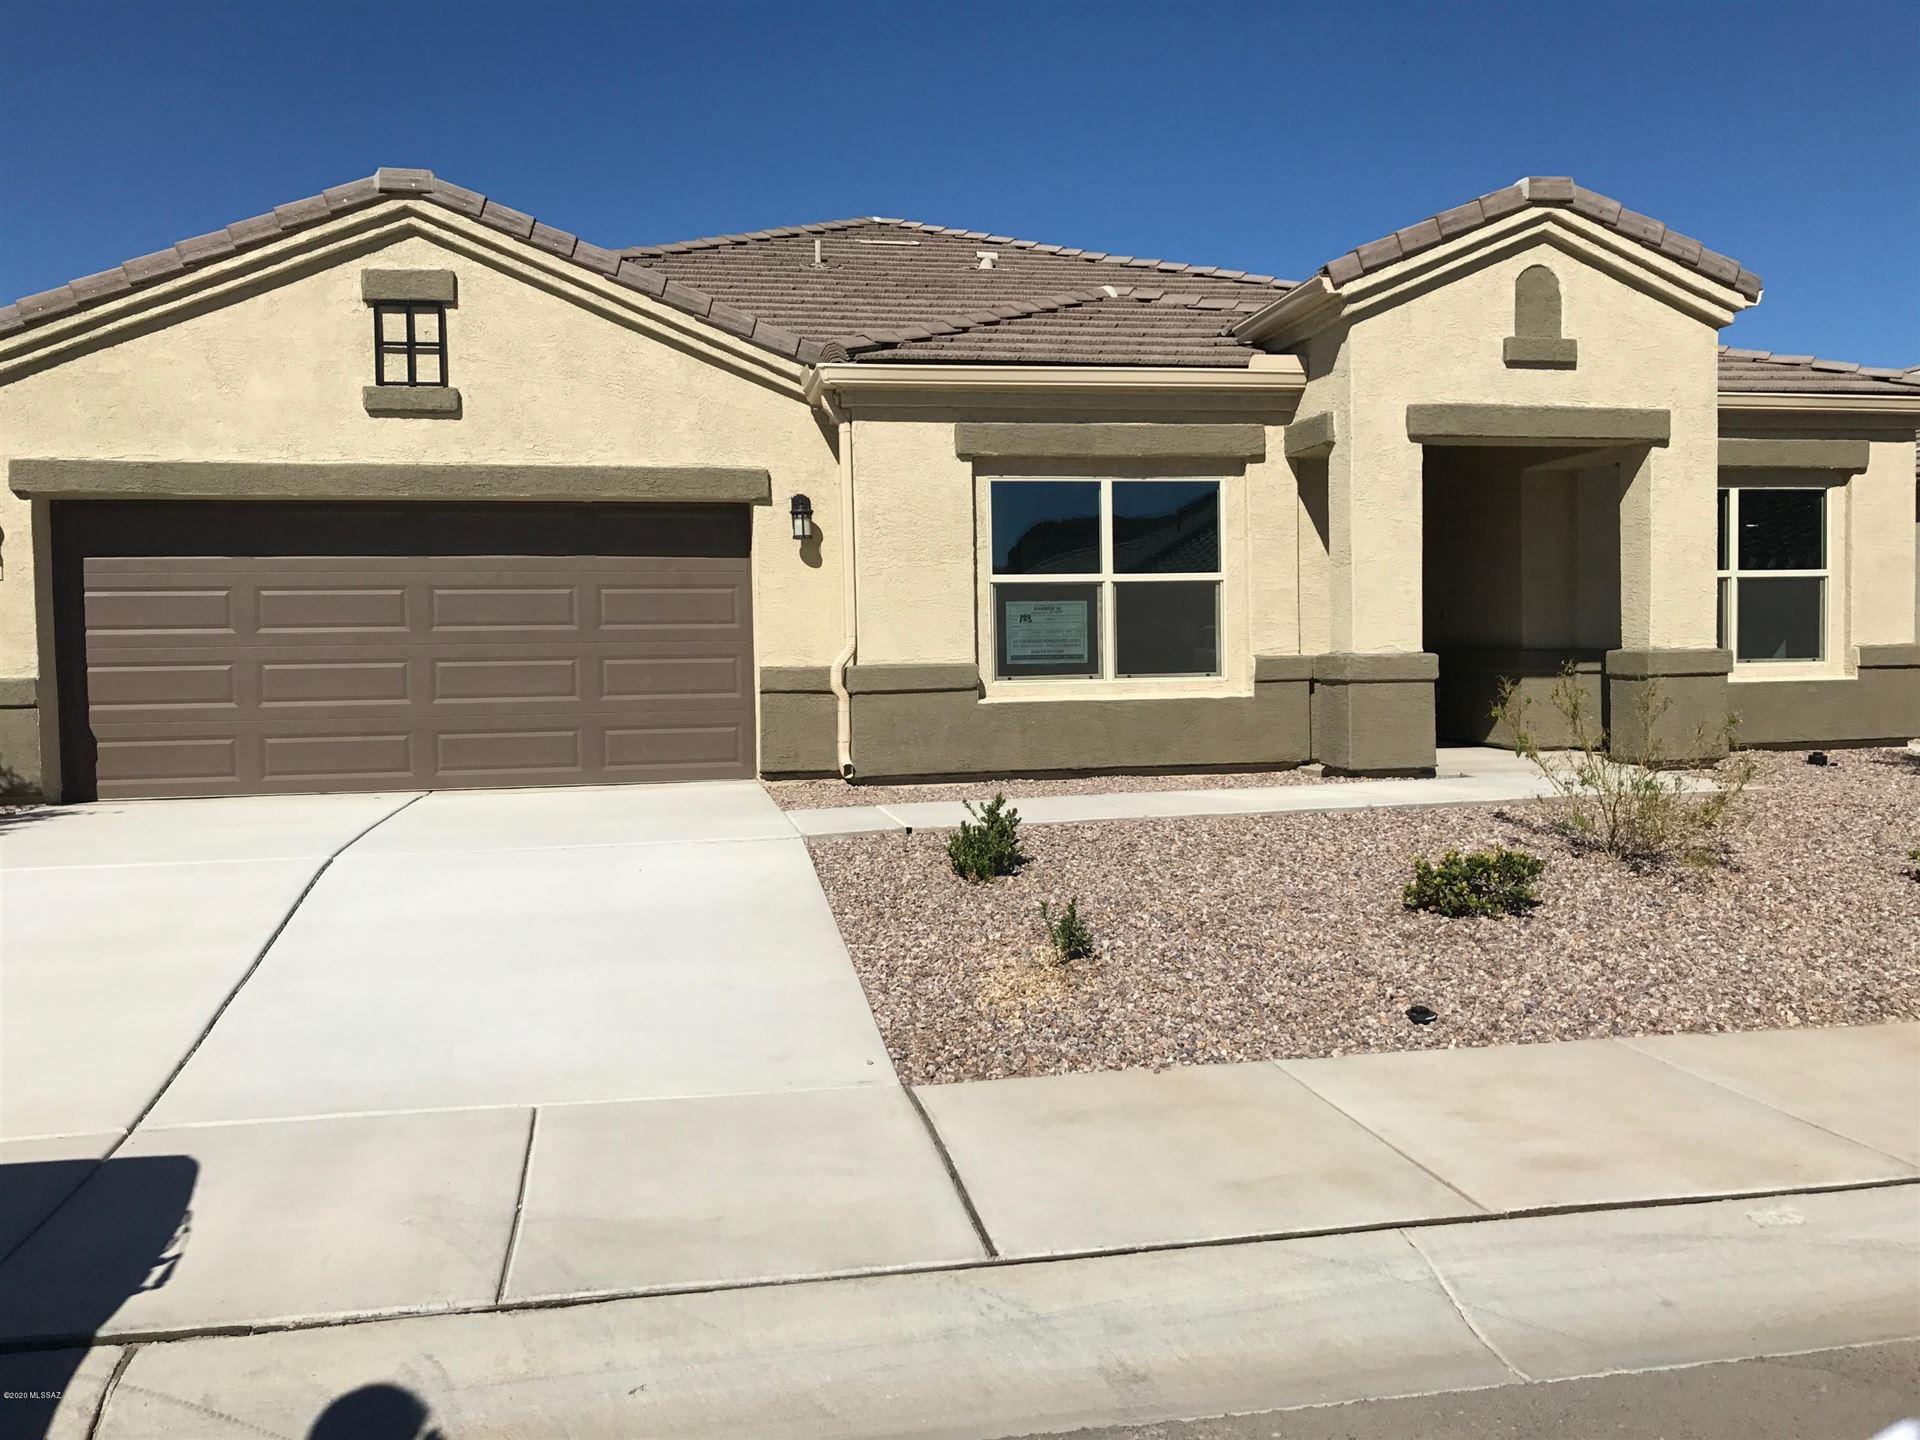 8846 W Saguaro Skies Road, Marana, AZ 85653 - #: 22015357